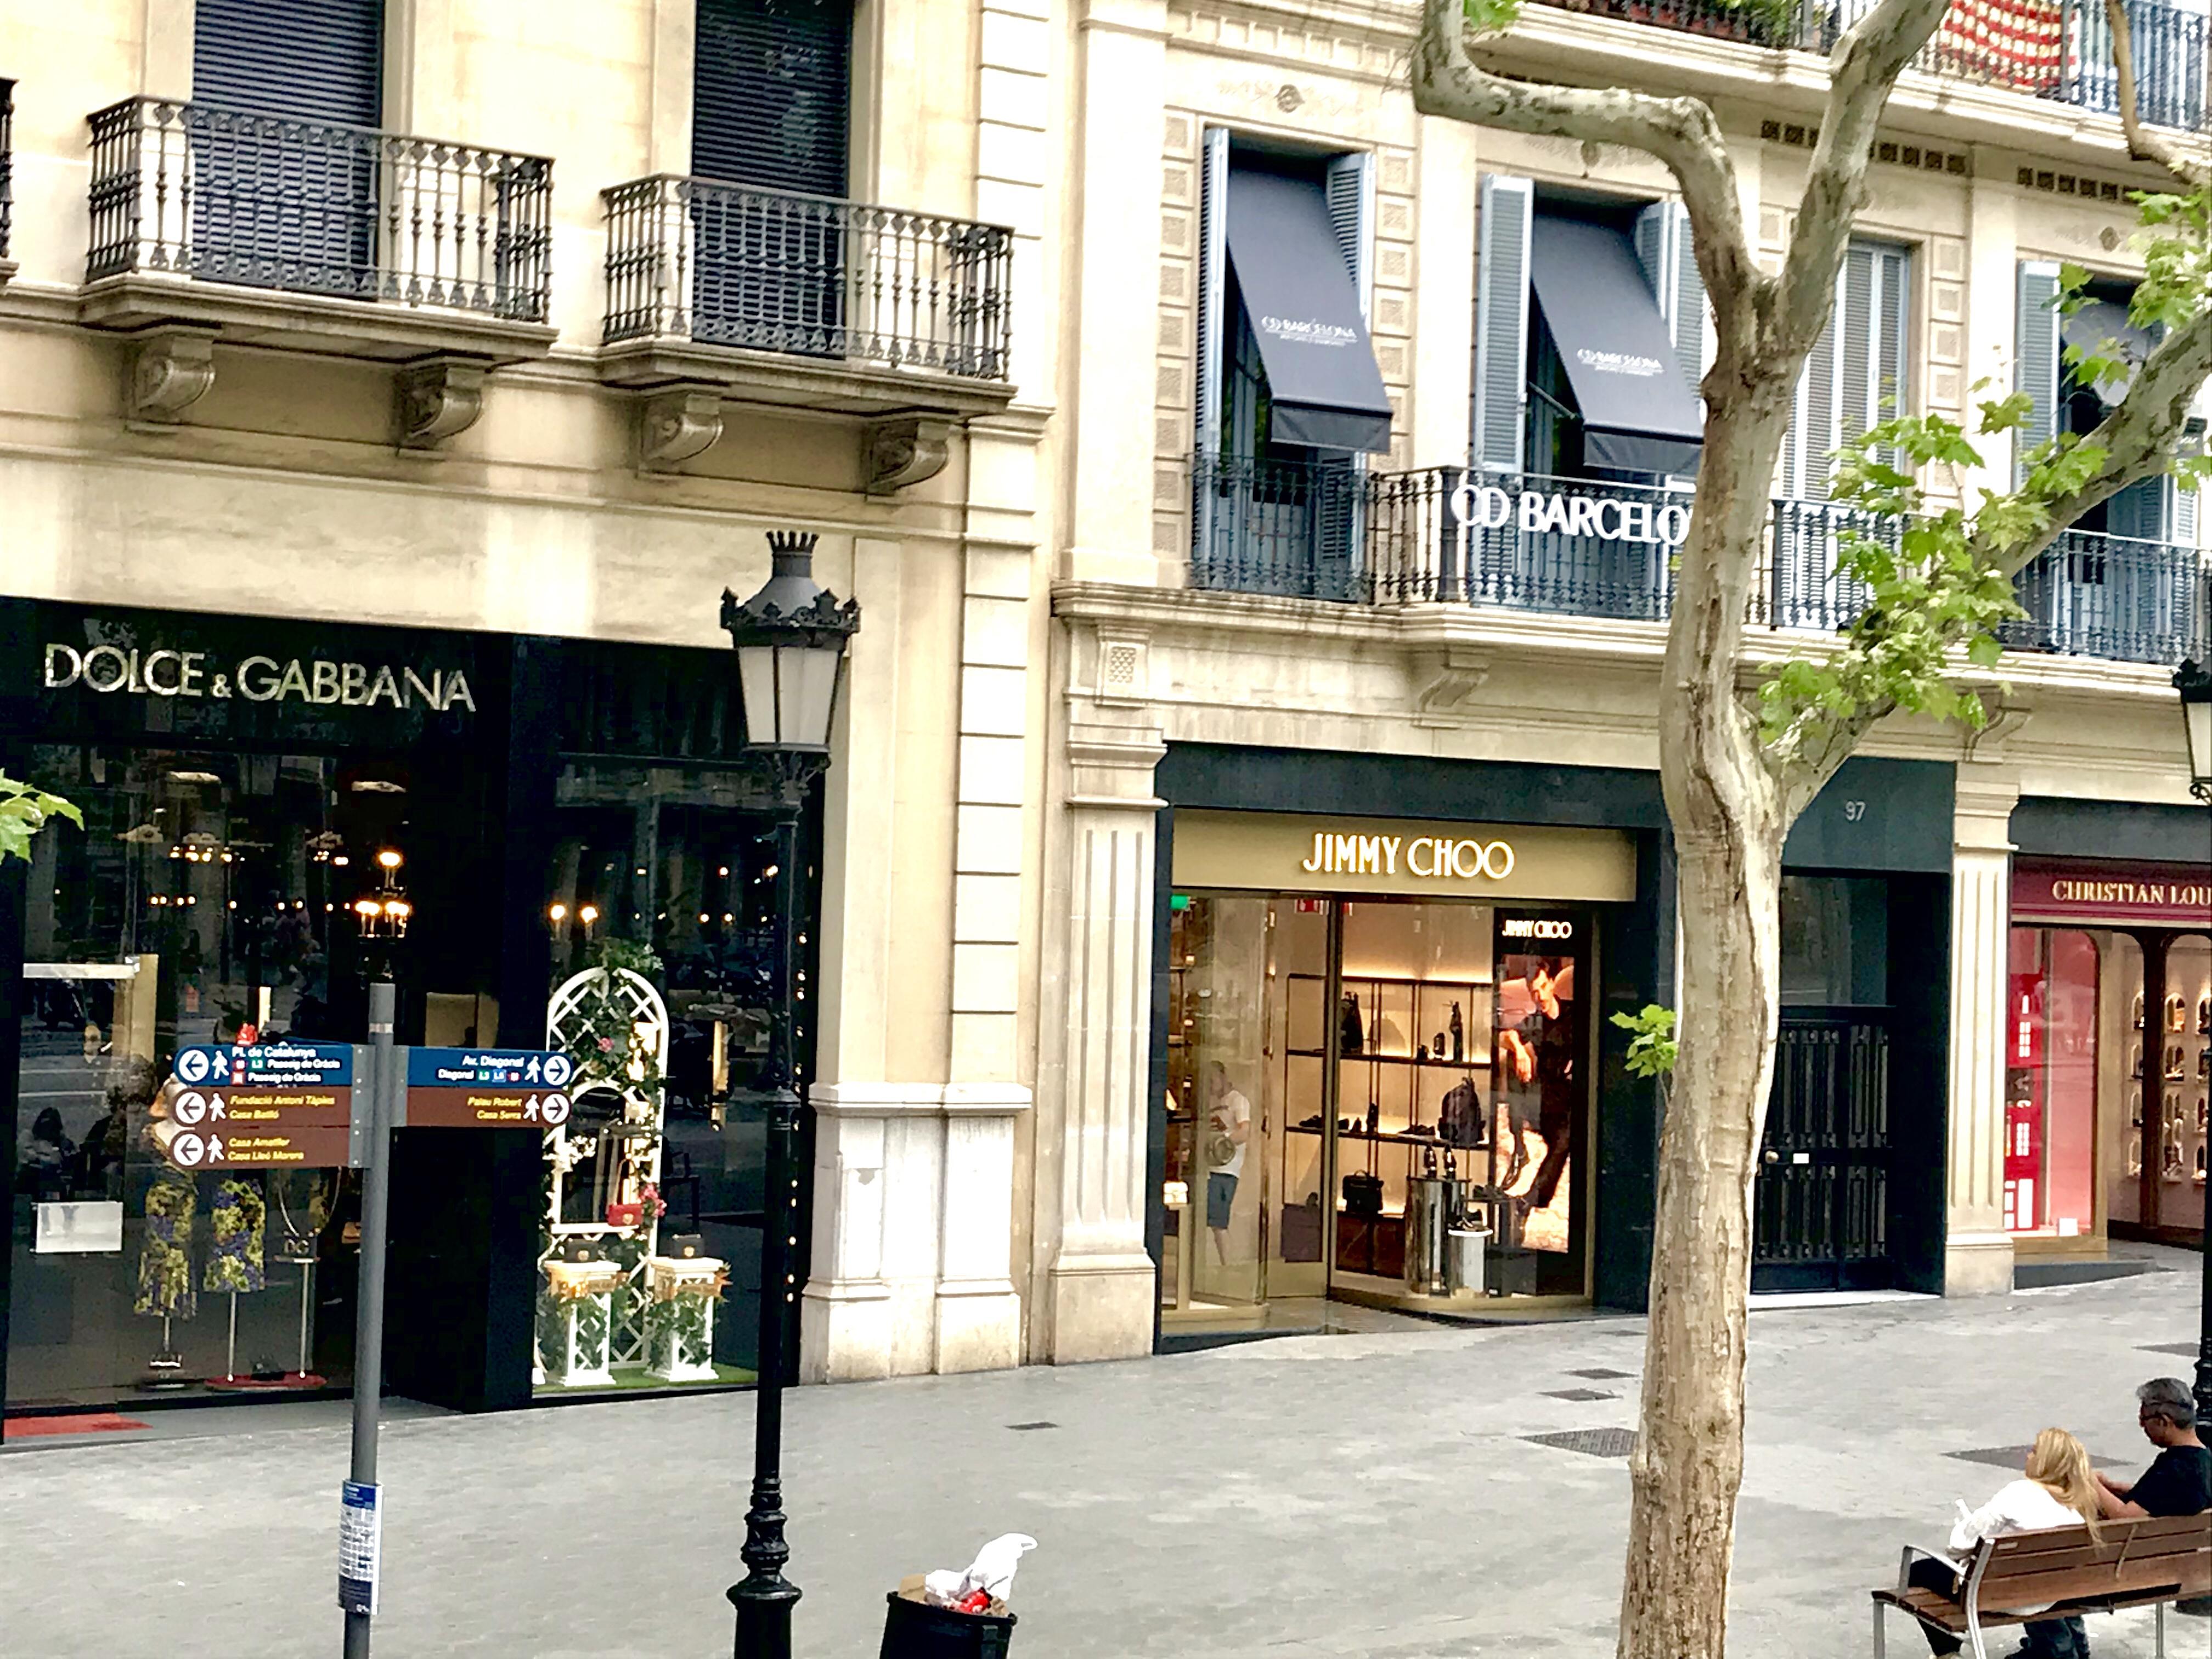 Barcelona La Rambla Belle in Transit